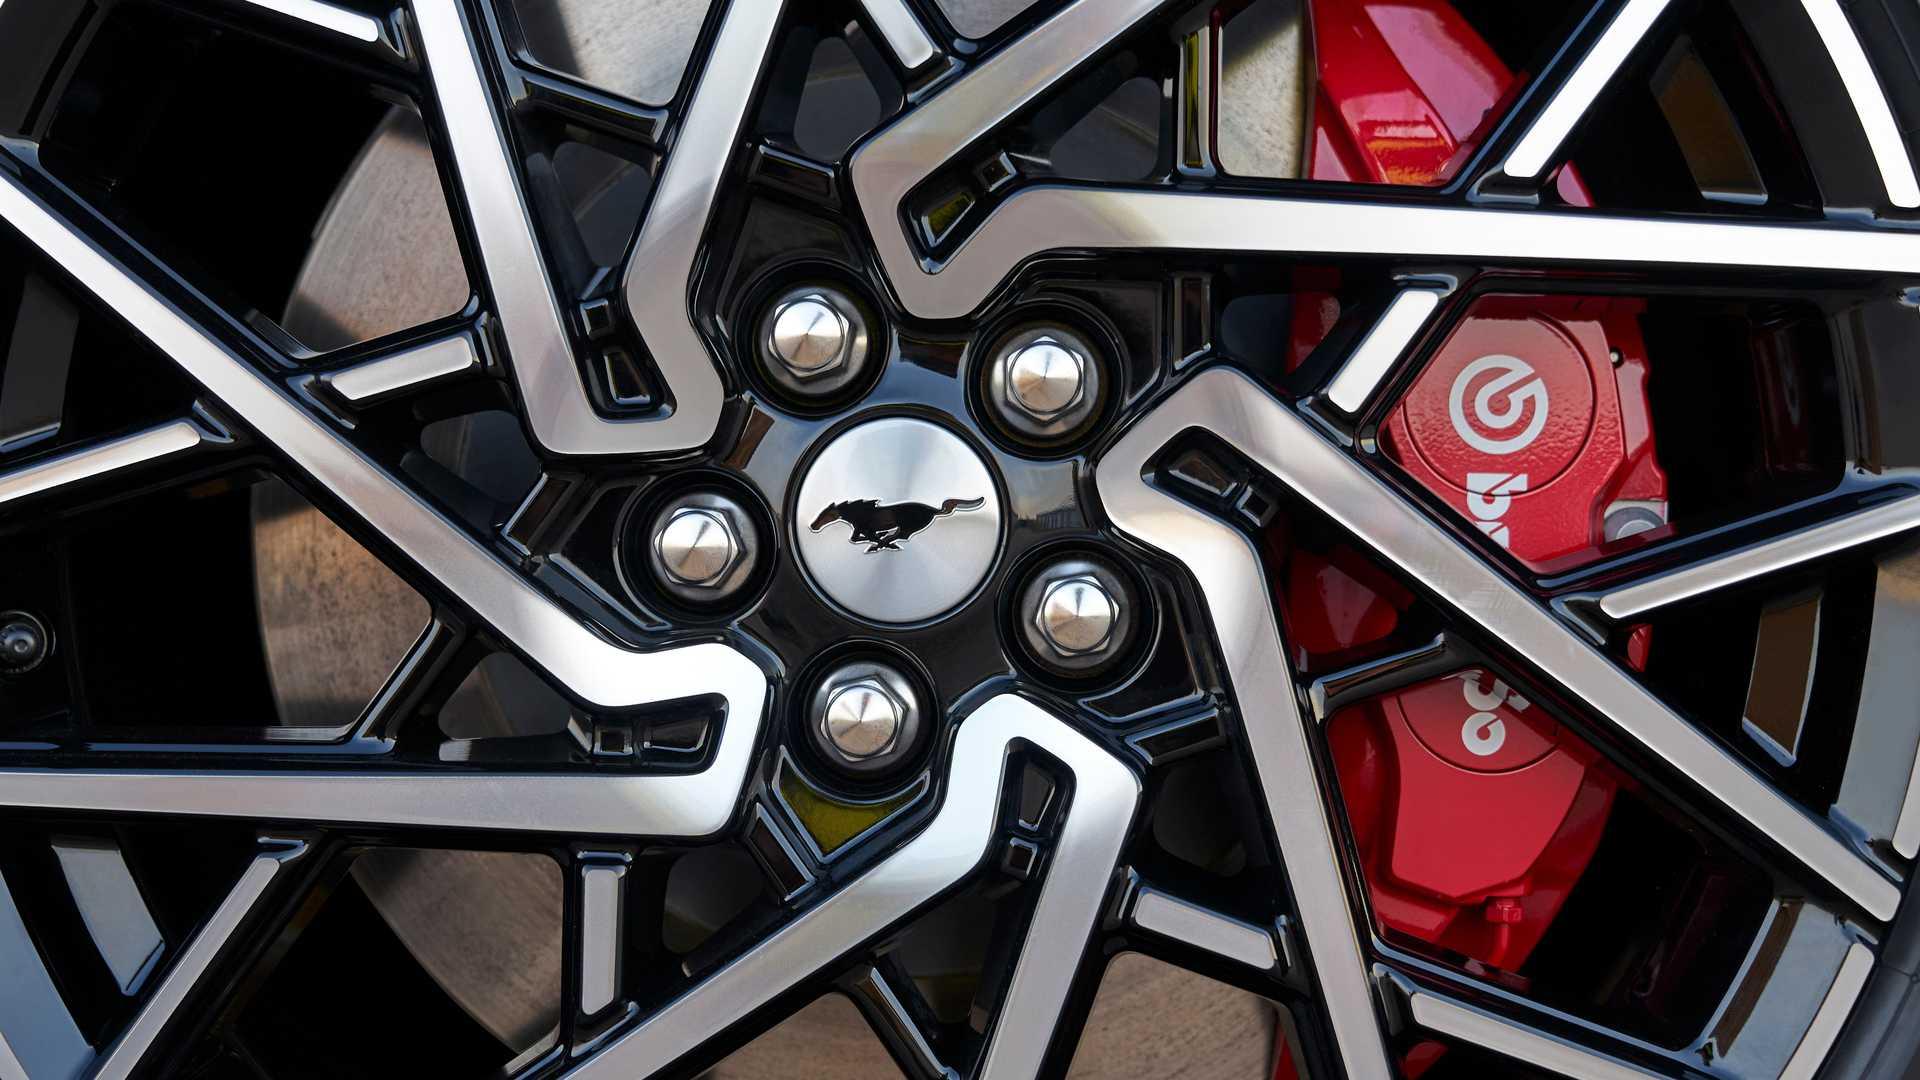 Chỉ dành cho những người mua xe điện Mach-E hoài cổ, Ford đã tạo ra một loại nước hoa có mùi xăng - 2